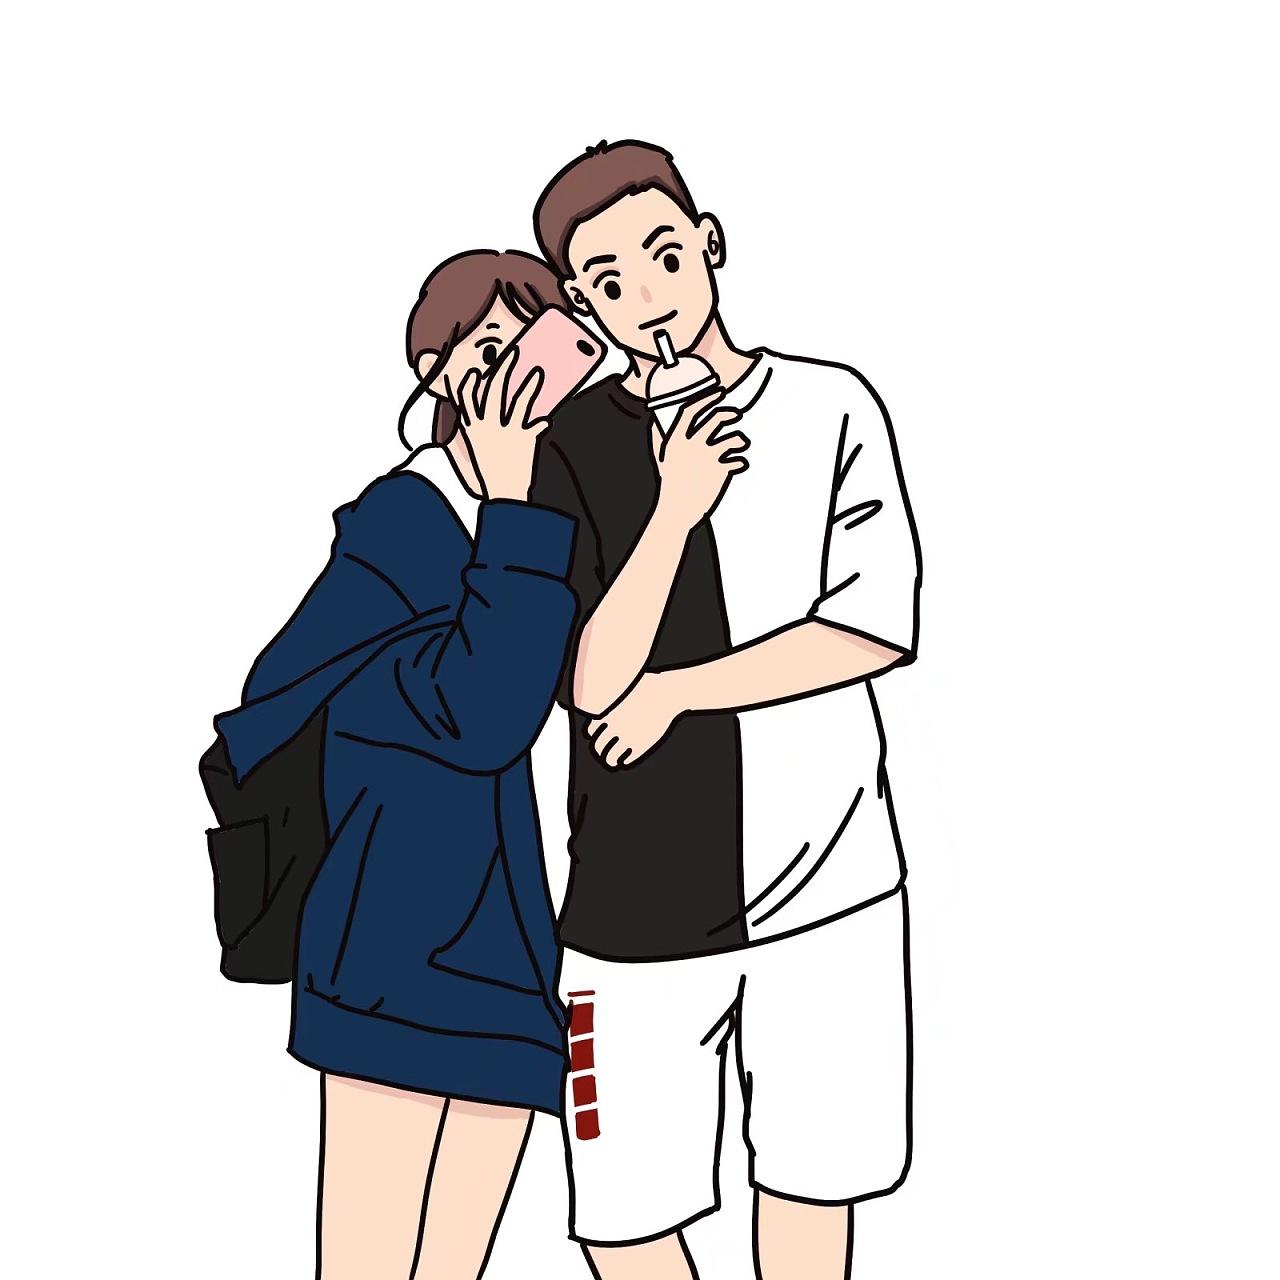 卡通豆豆 孩子 漫画动漫 熊漫画原创馆YJ-手绘什么合志肖像是图片